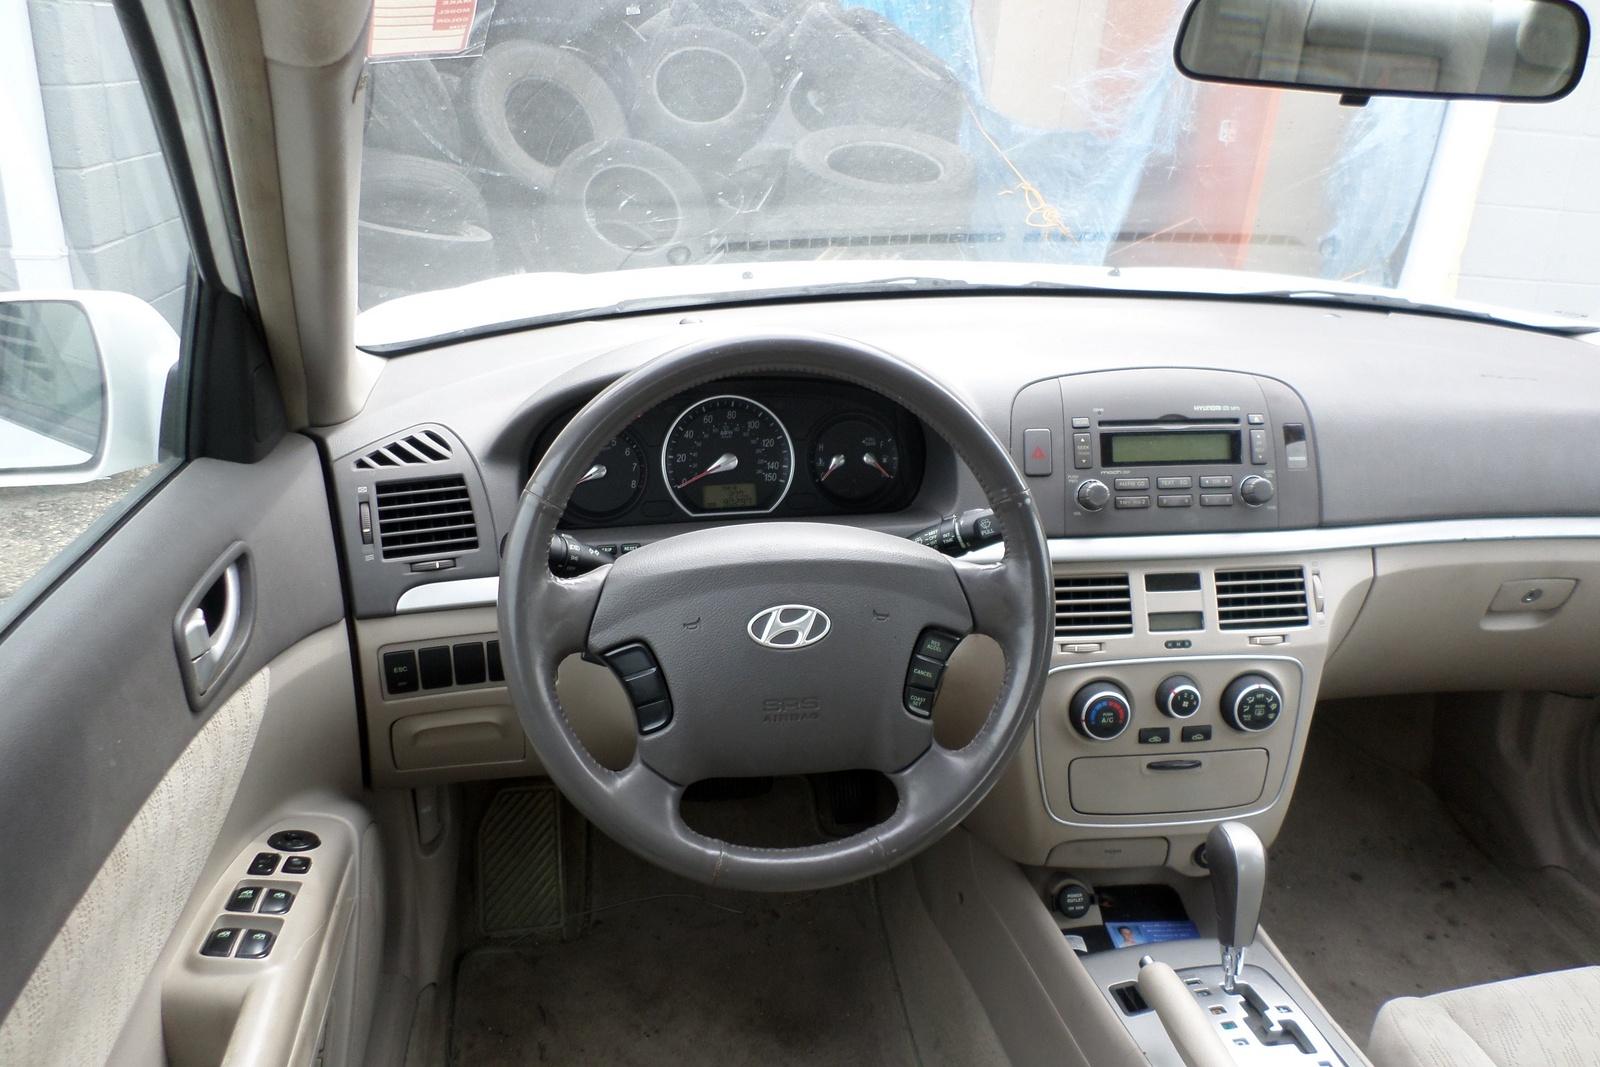 2006 Hyundai Sonata Interior Pictures Cargurus